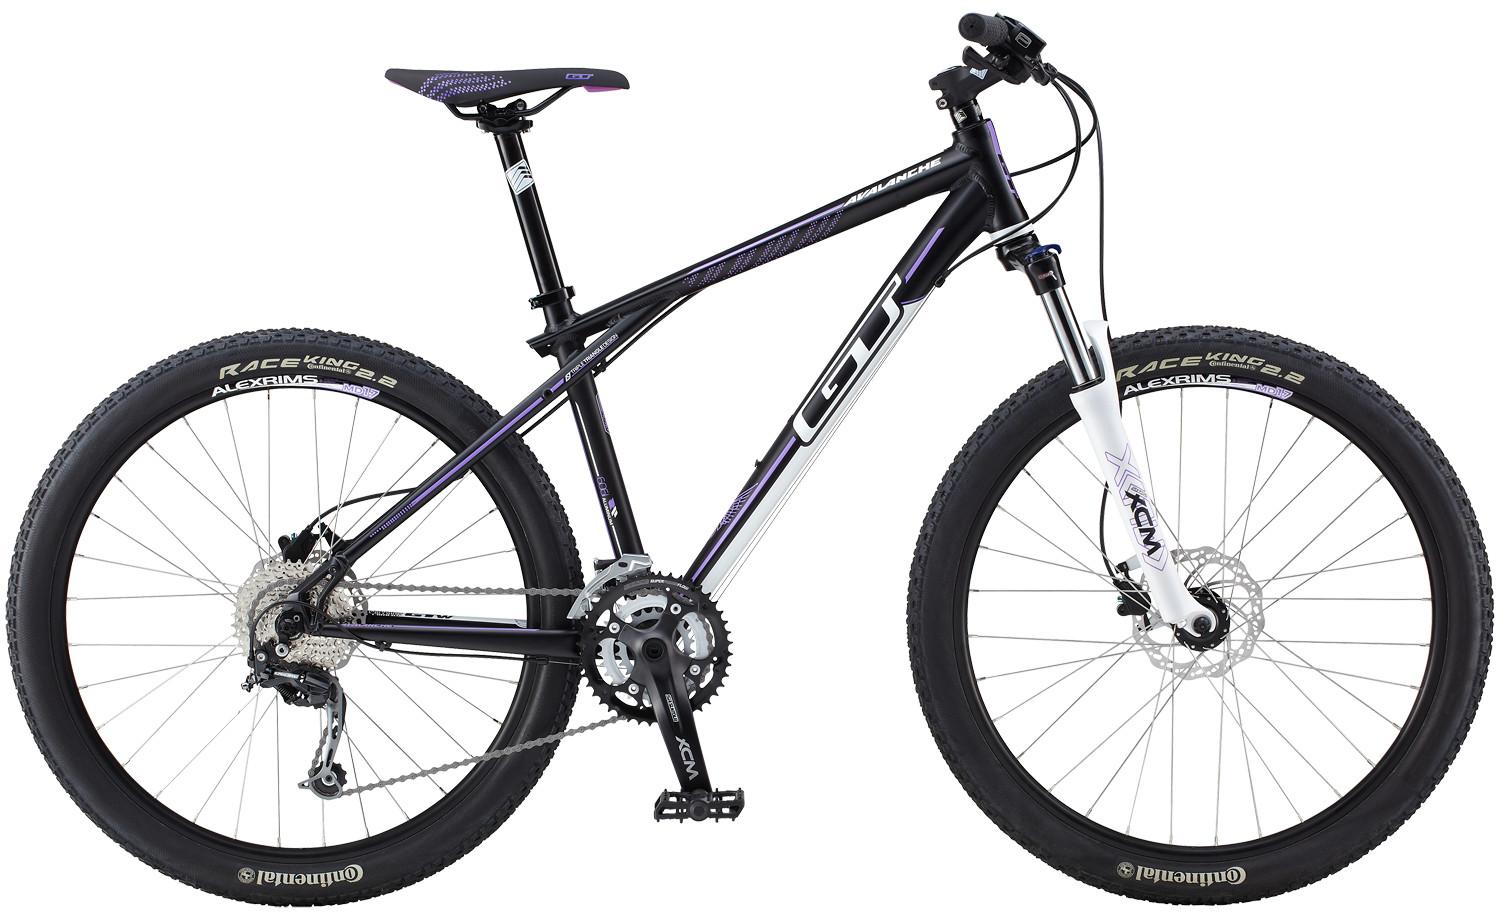 2014 Gt Avalanche Comp Gtw Bike Reviews Comparisons